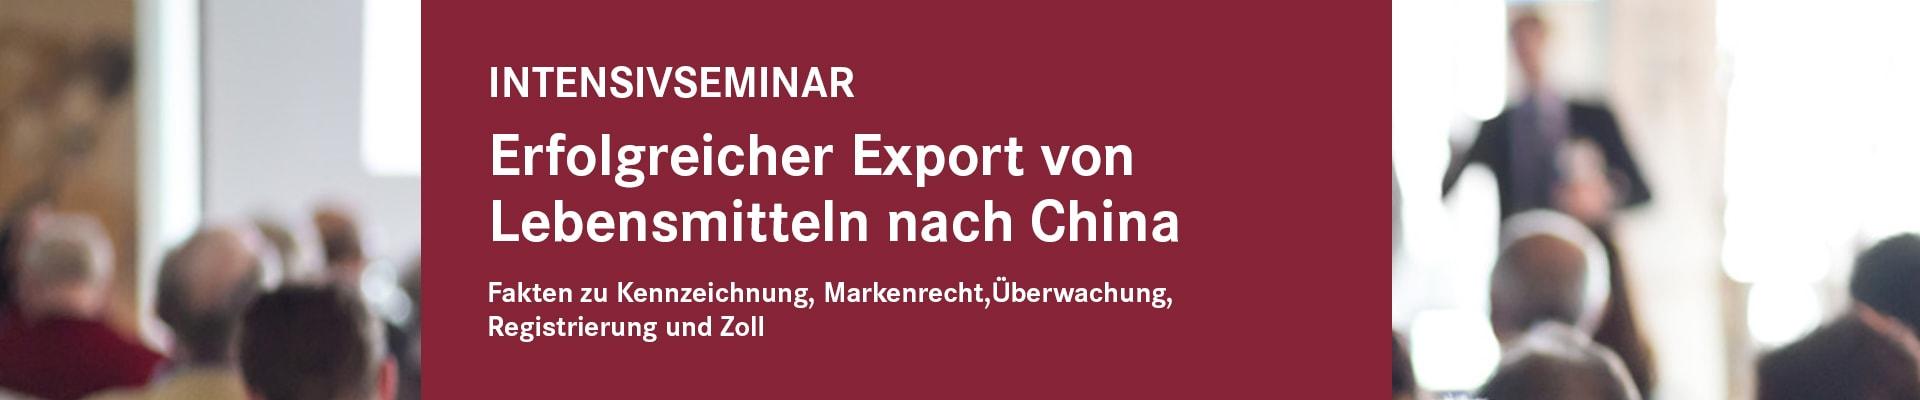 Erfolgreicher Export von Lebensmitteln nach China